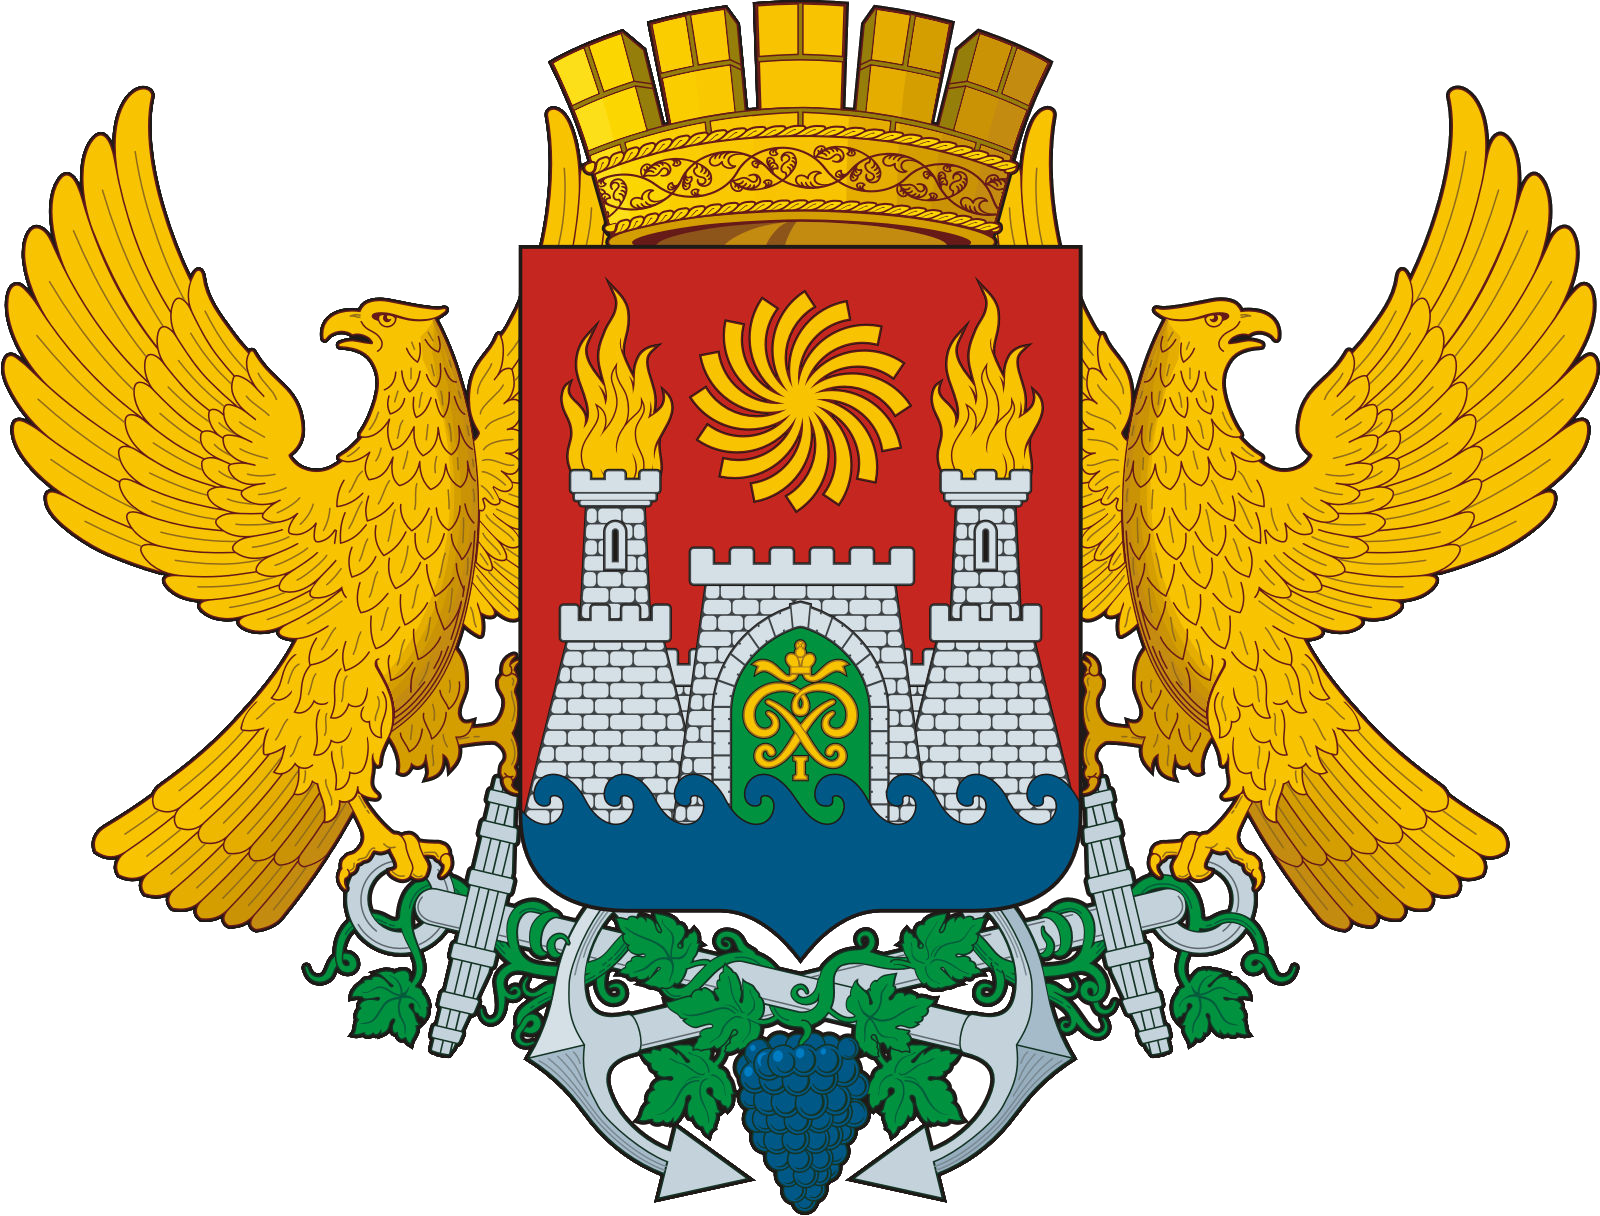 Лежак Доктора Редокс «Колючий» в Махачкале (Дагестан)